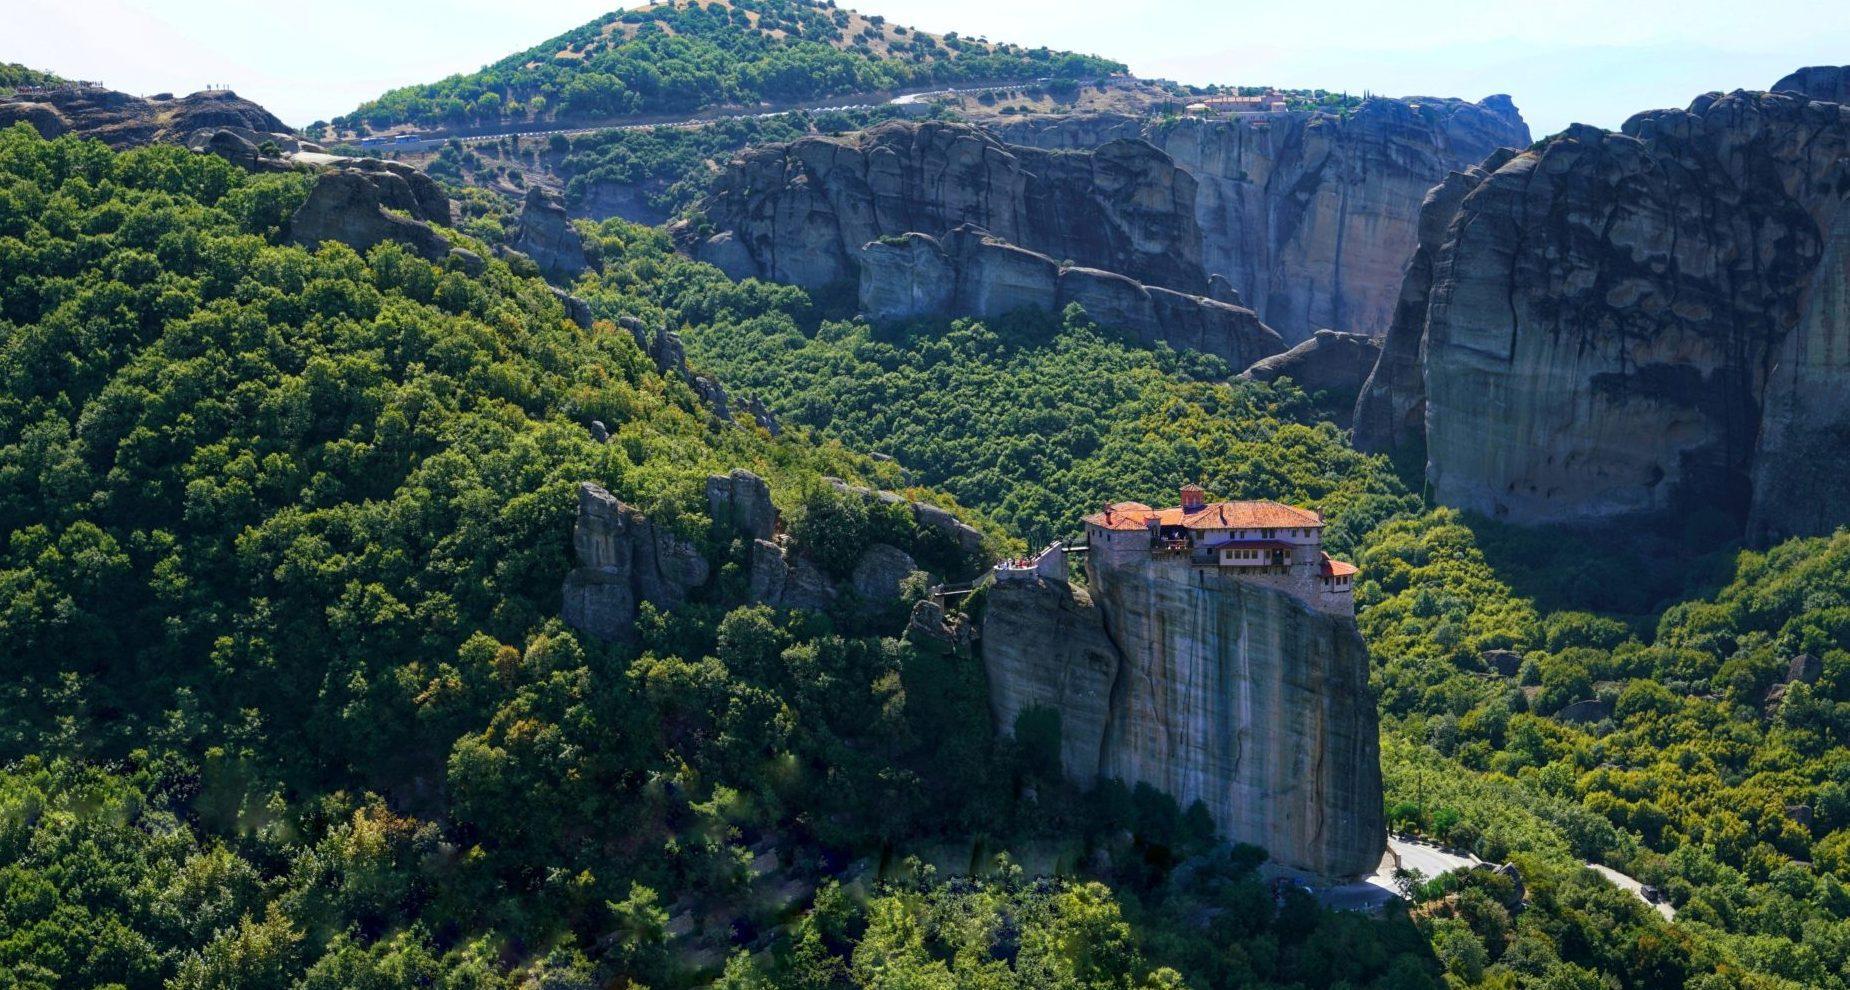 Pasqua Atene Delfi Meteore e crociera isole Greche 3 notti